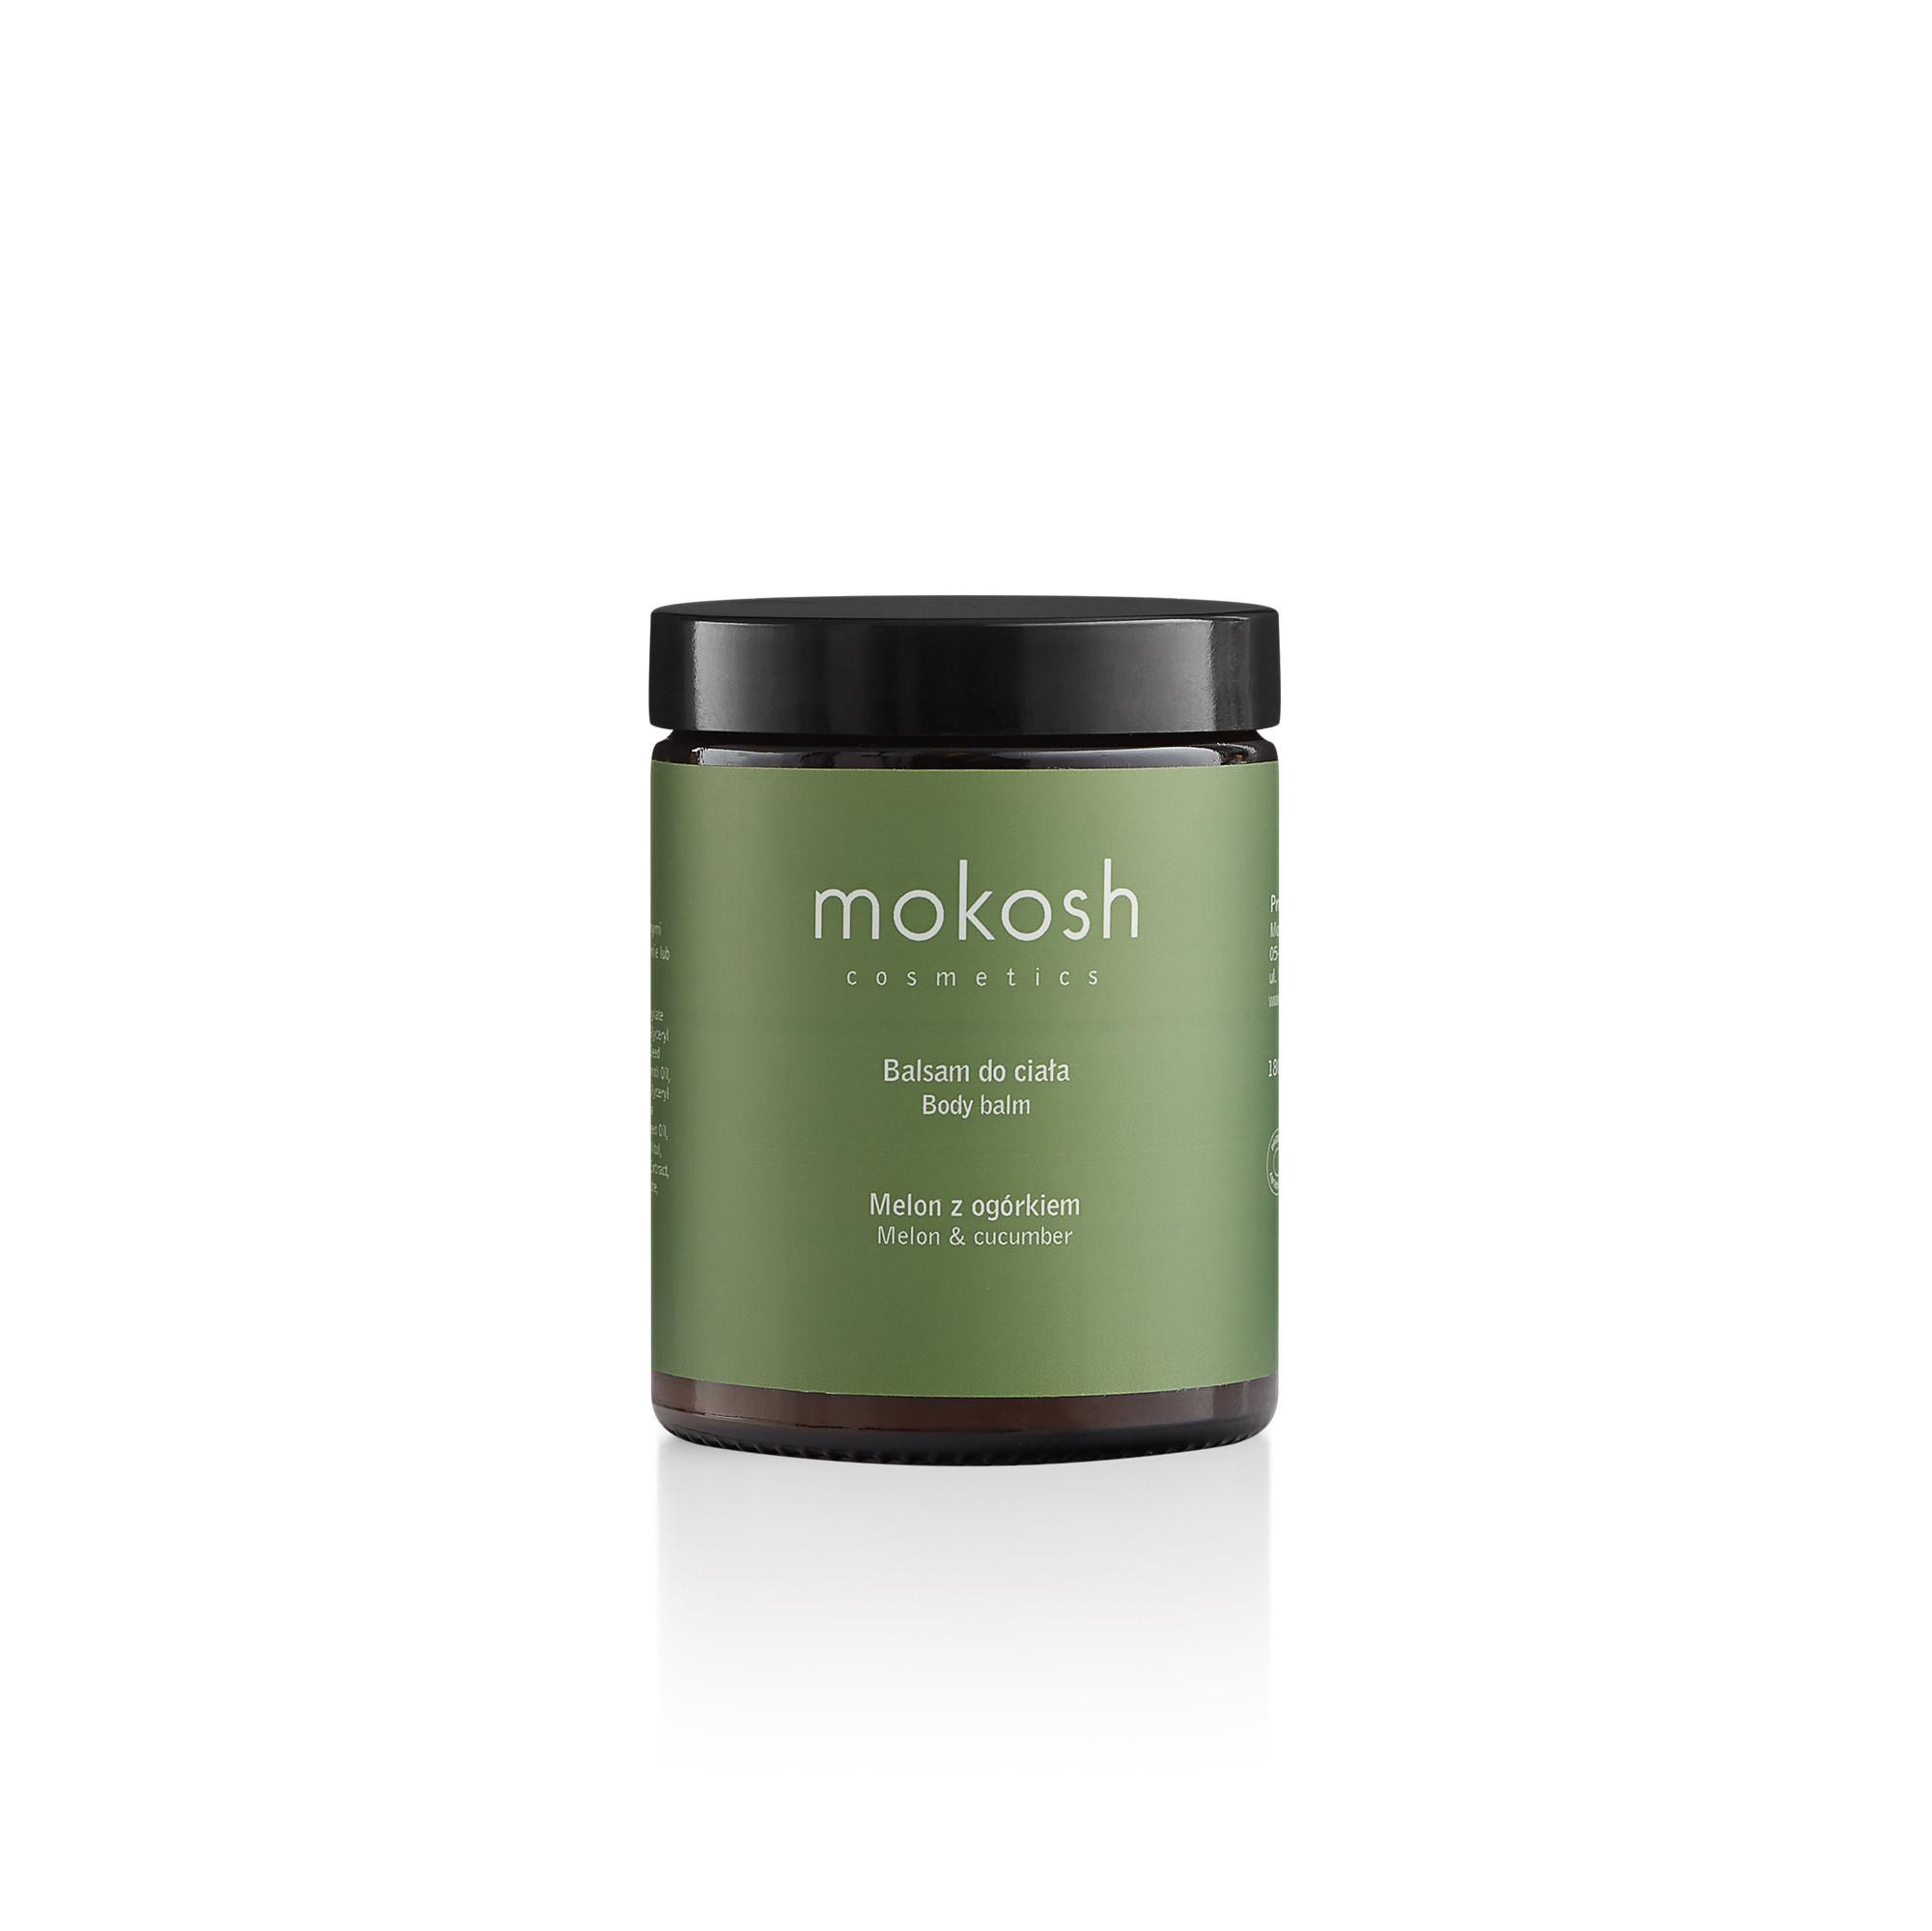 Balsam do ciała Melon z ogórkiem 180 ml - Mokosh Cosmetics